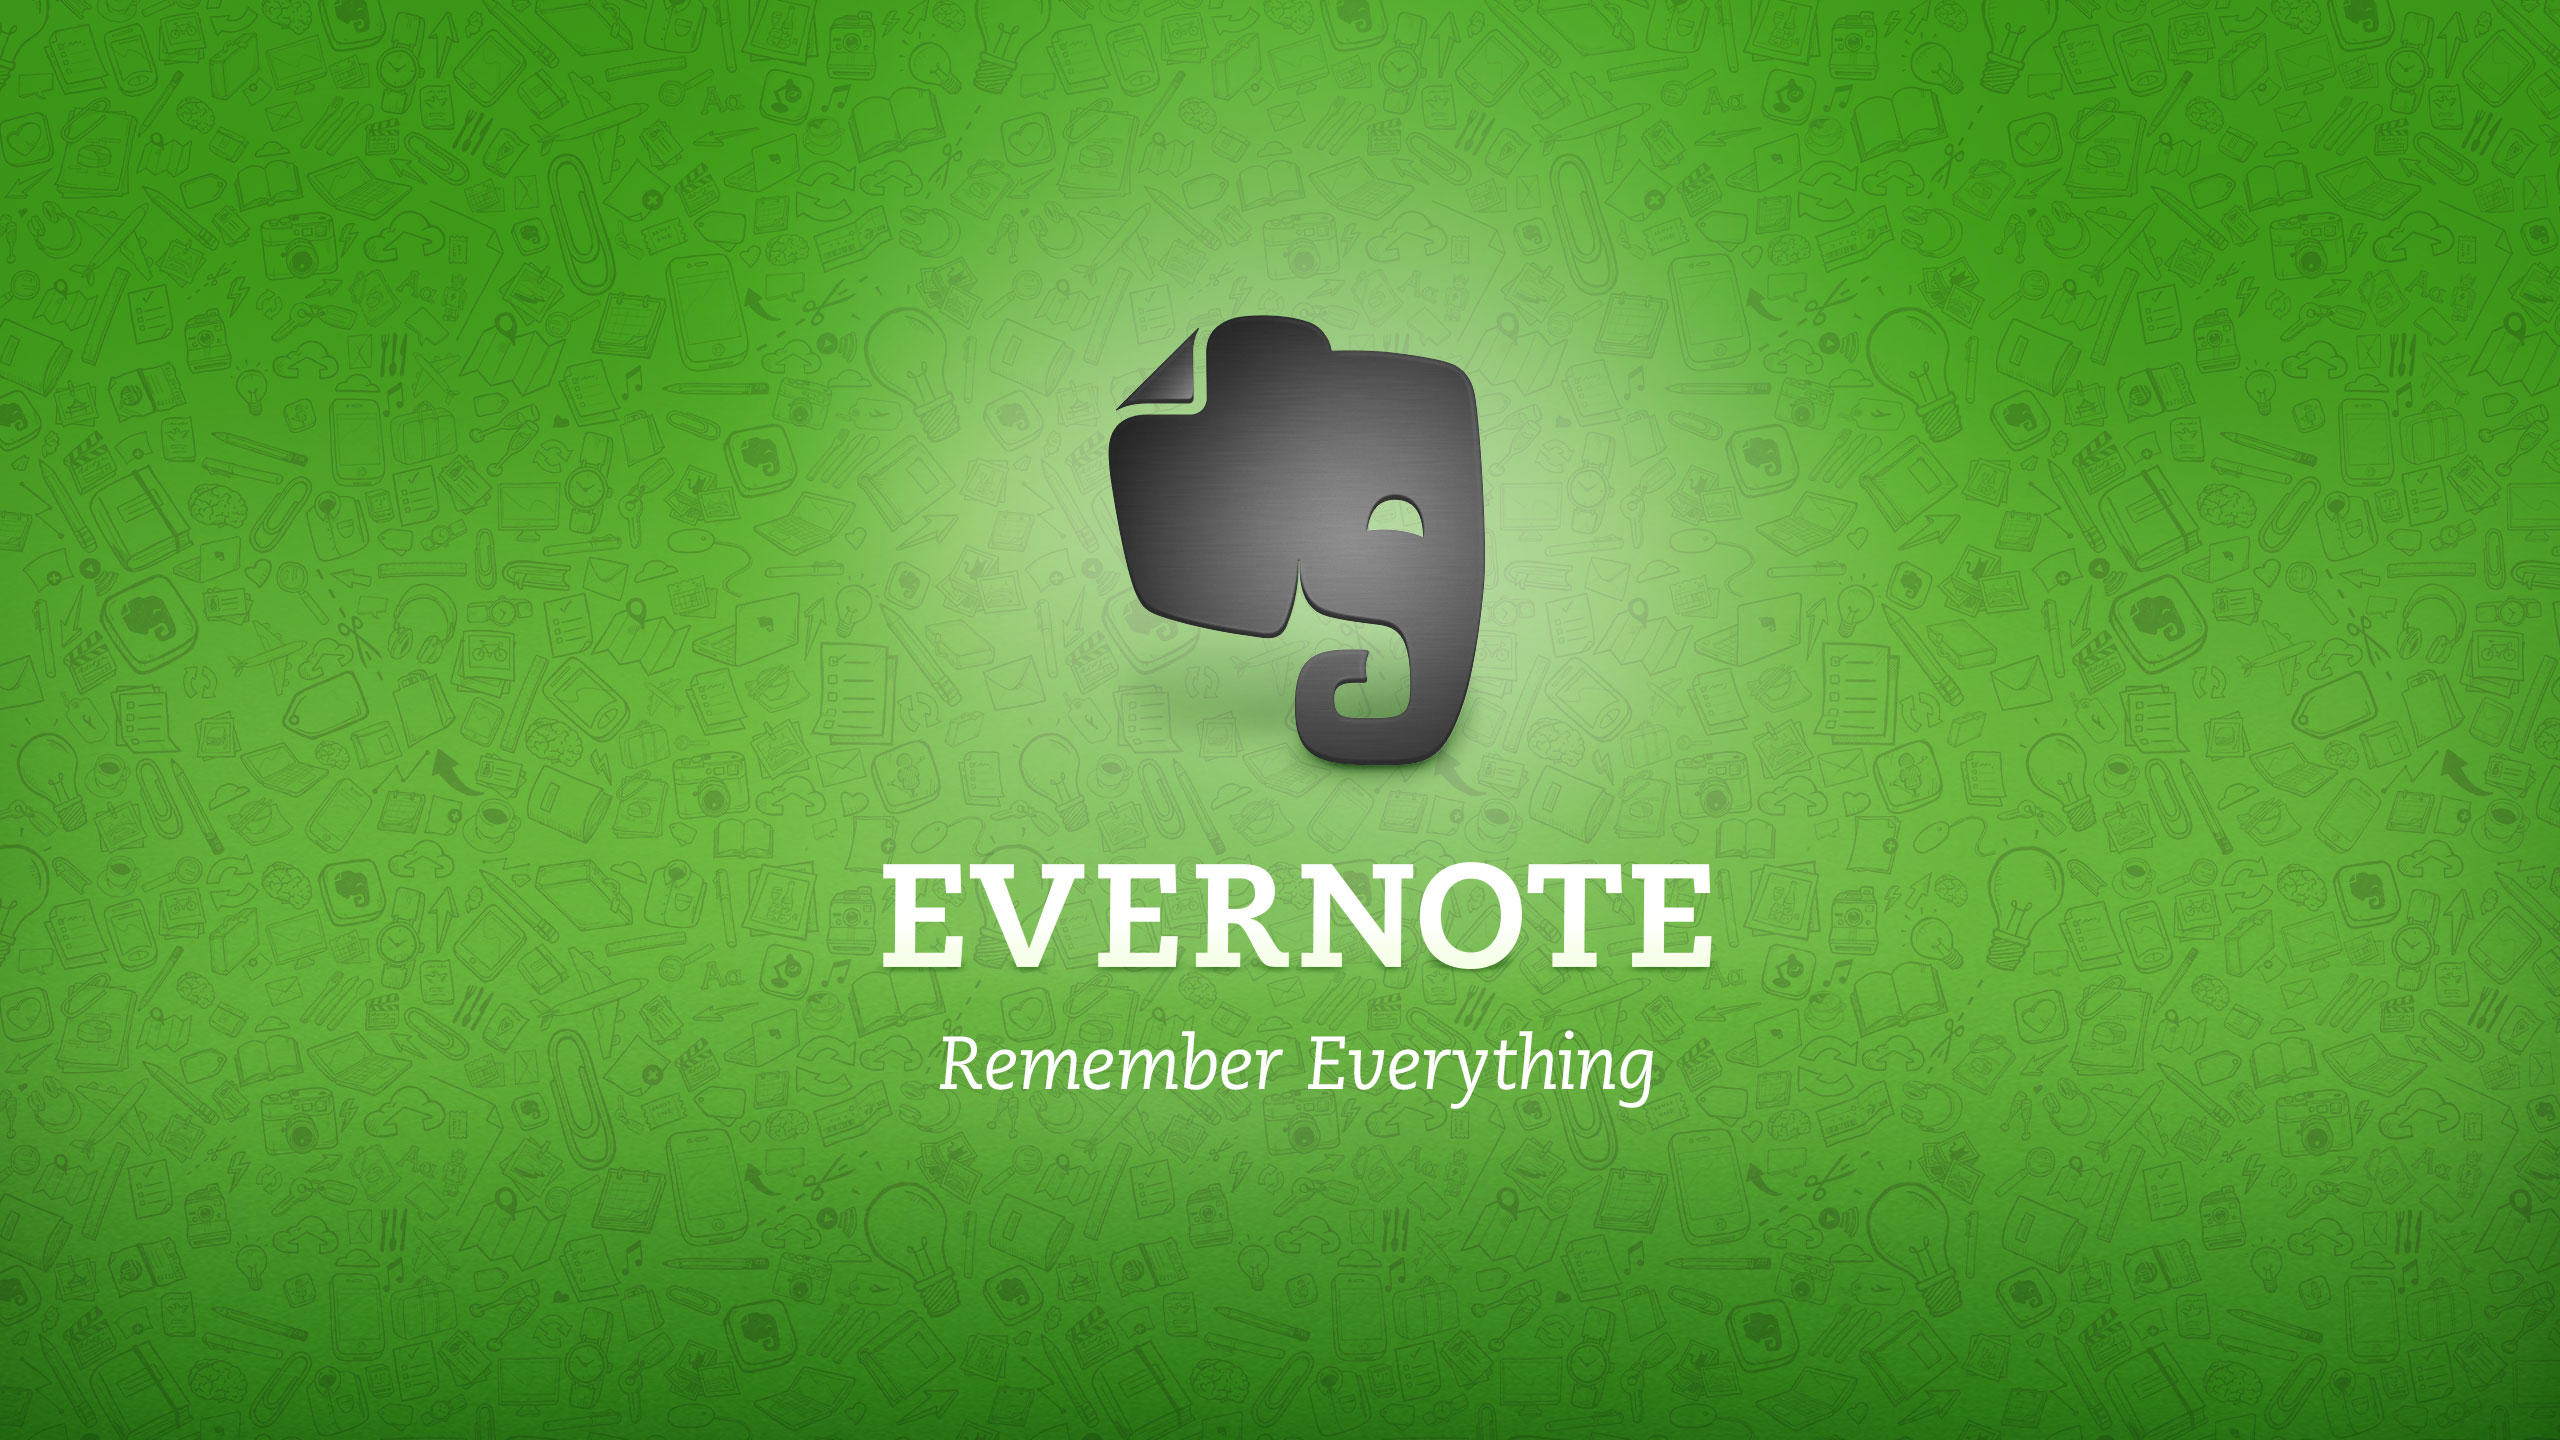 Desktop Calendar Download : Rad evernote desktop wallpapers for download